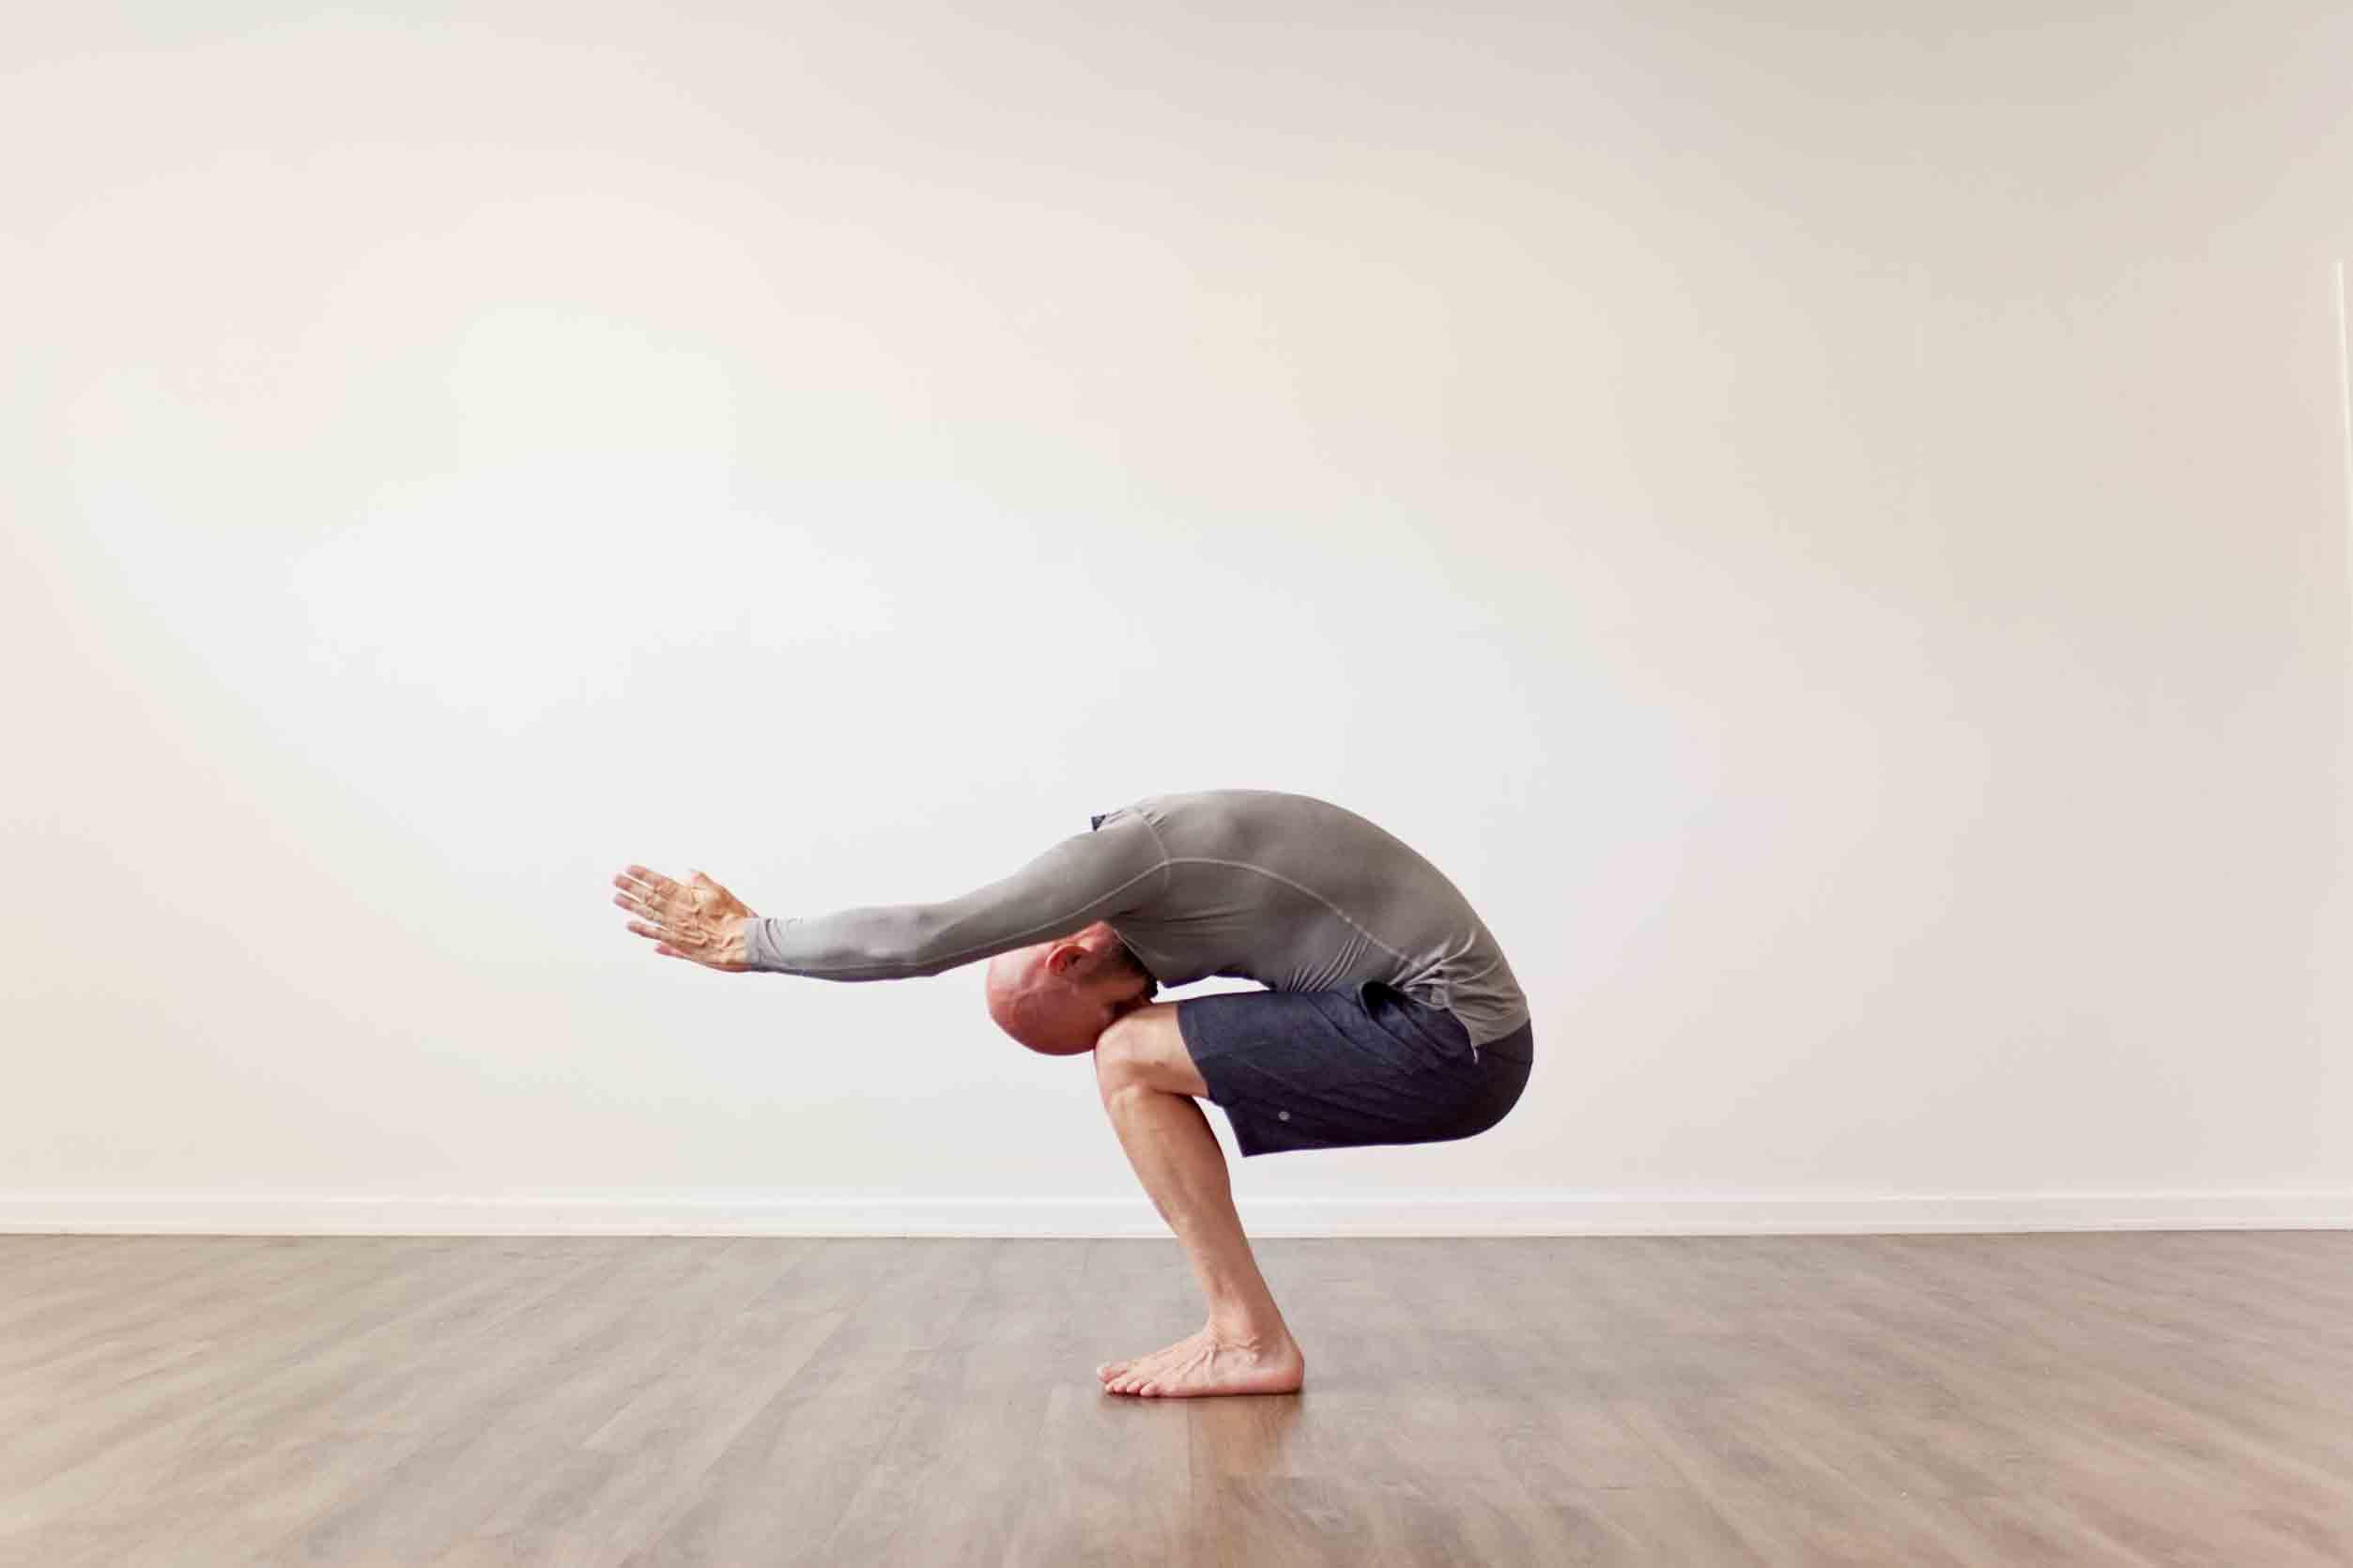 йога продвинутый уровень картинки устроена любовь